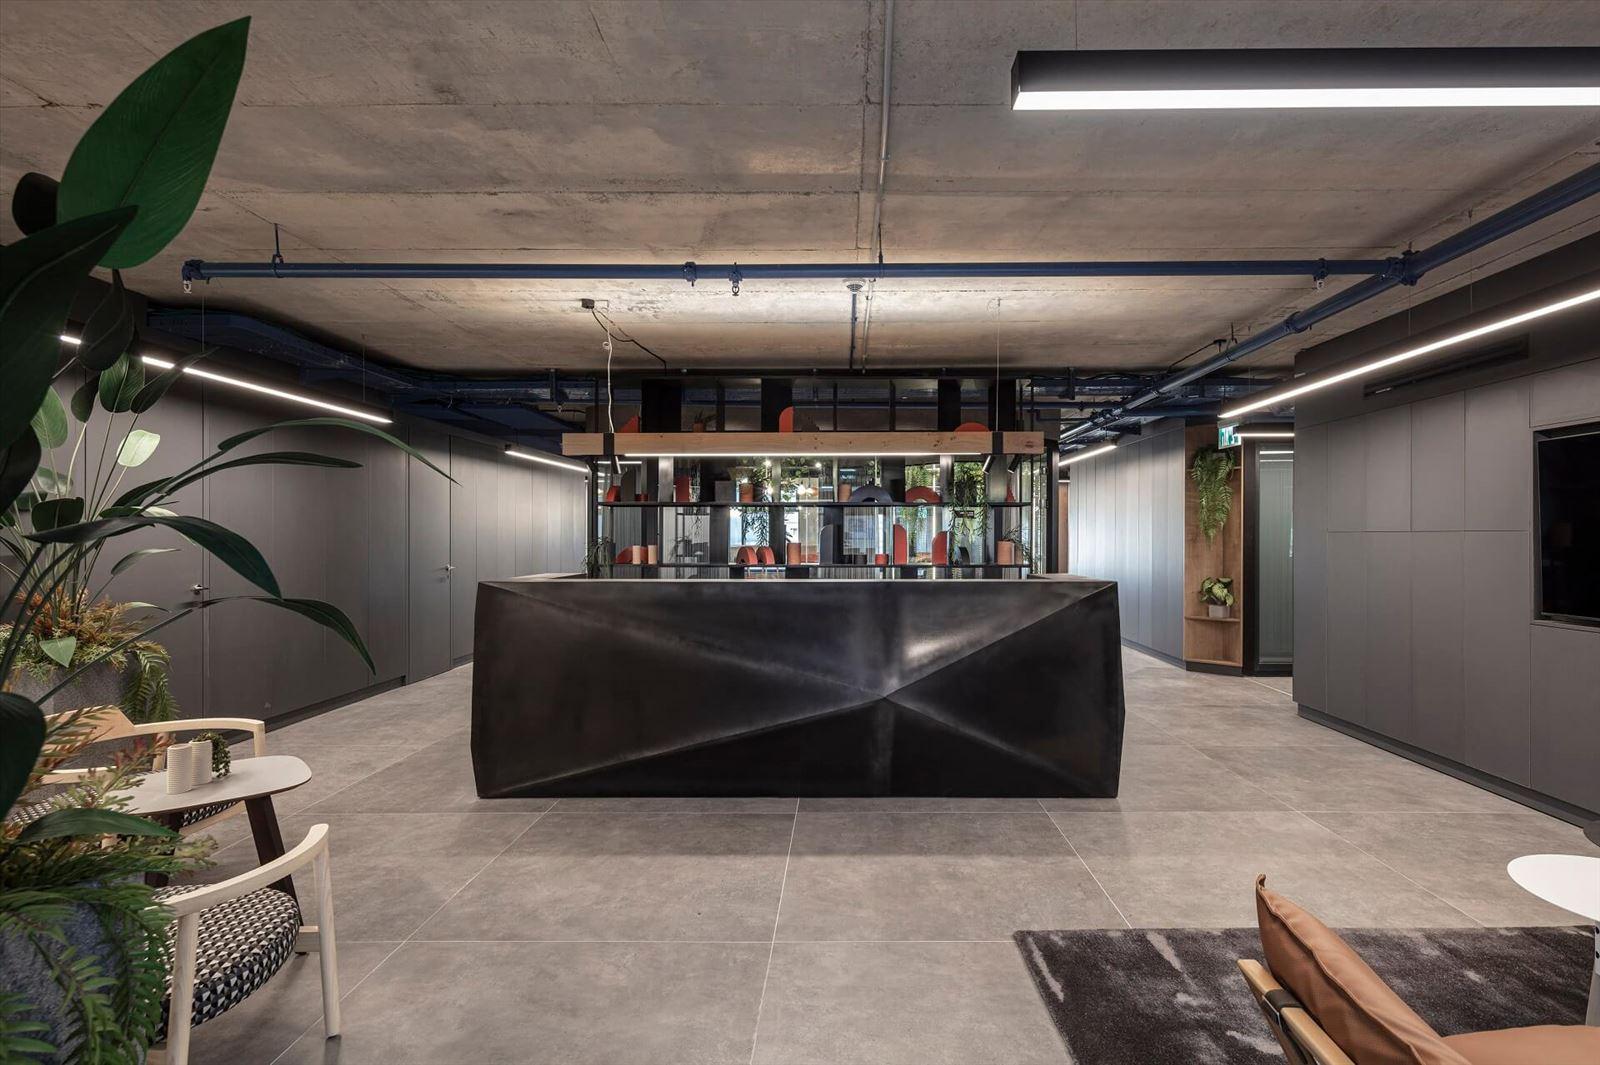 פרויקט תאורה במשרדי מזרחי ובניו מבית קמחי תאורה